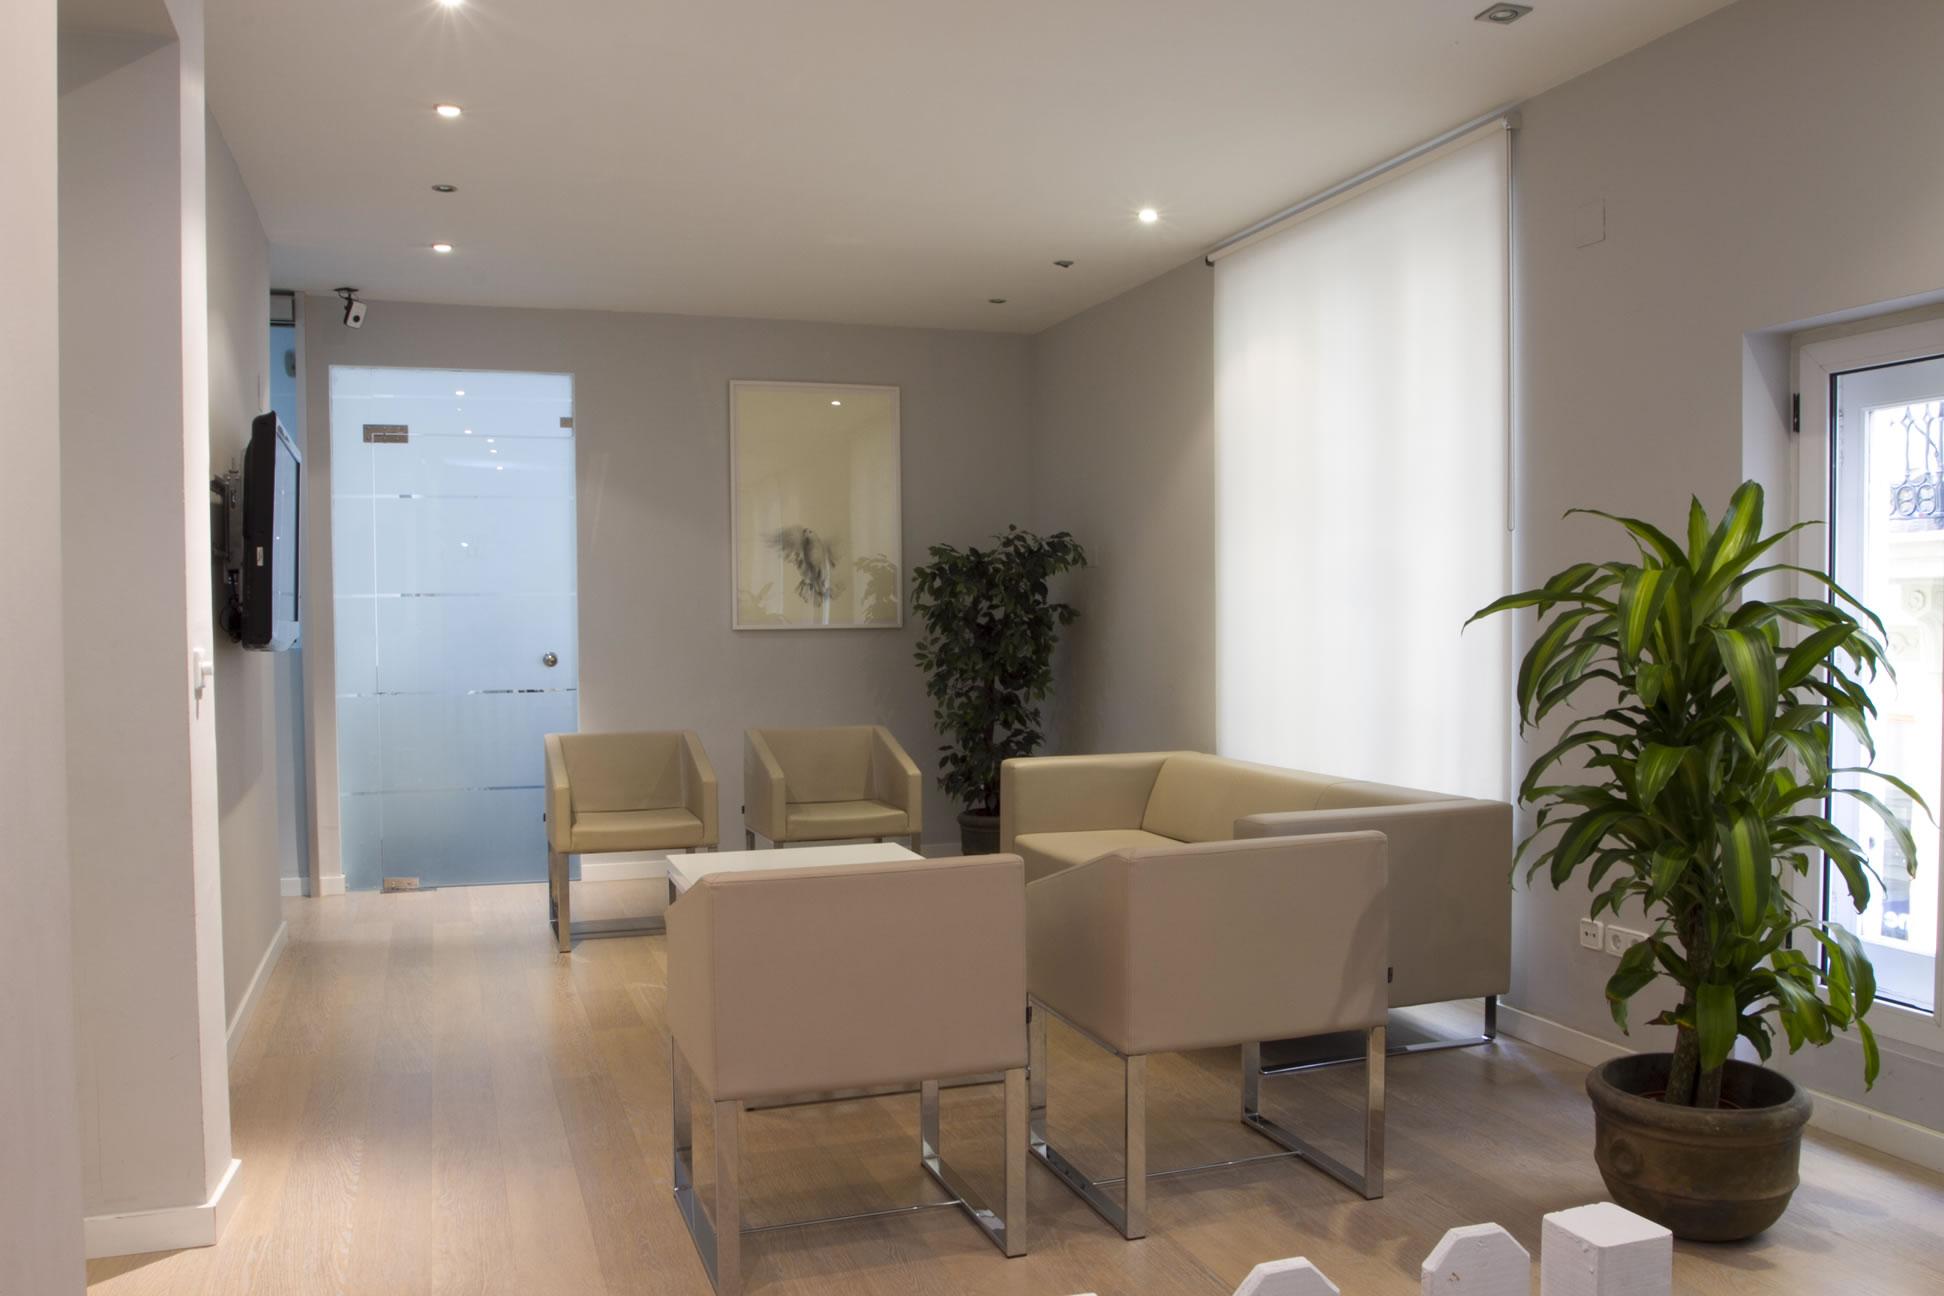 Cl nica dental for Muebles de oficina zona tigre